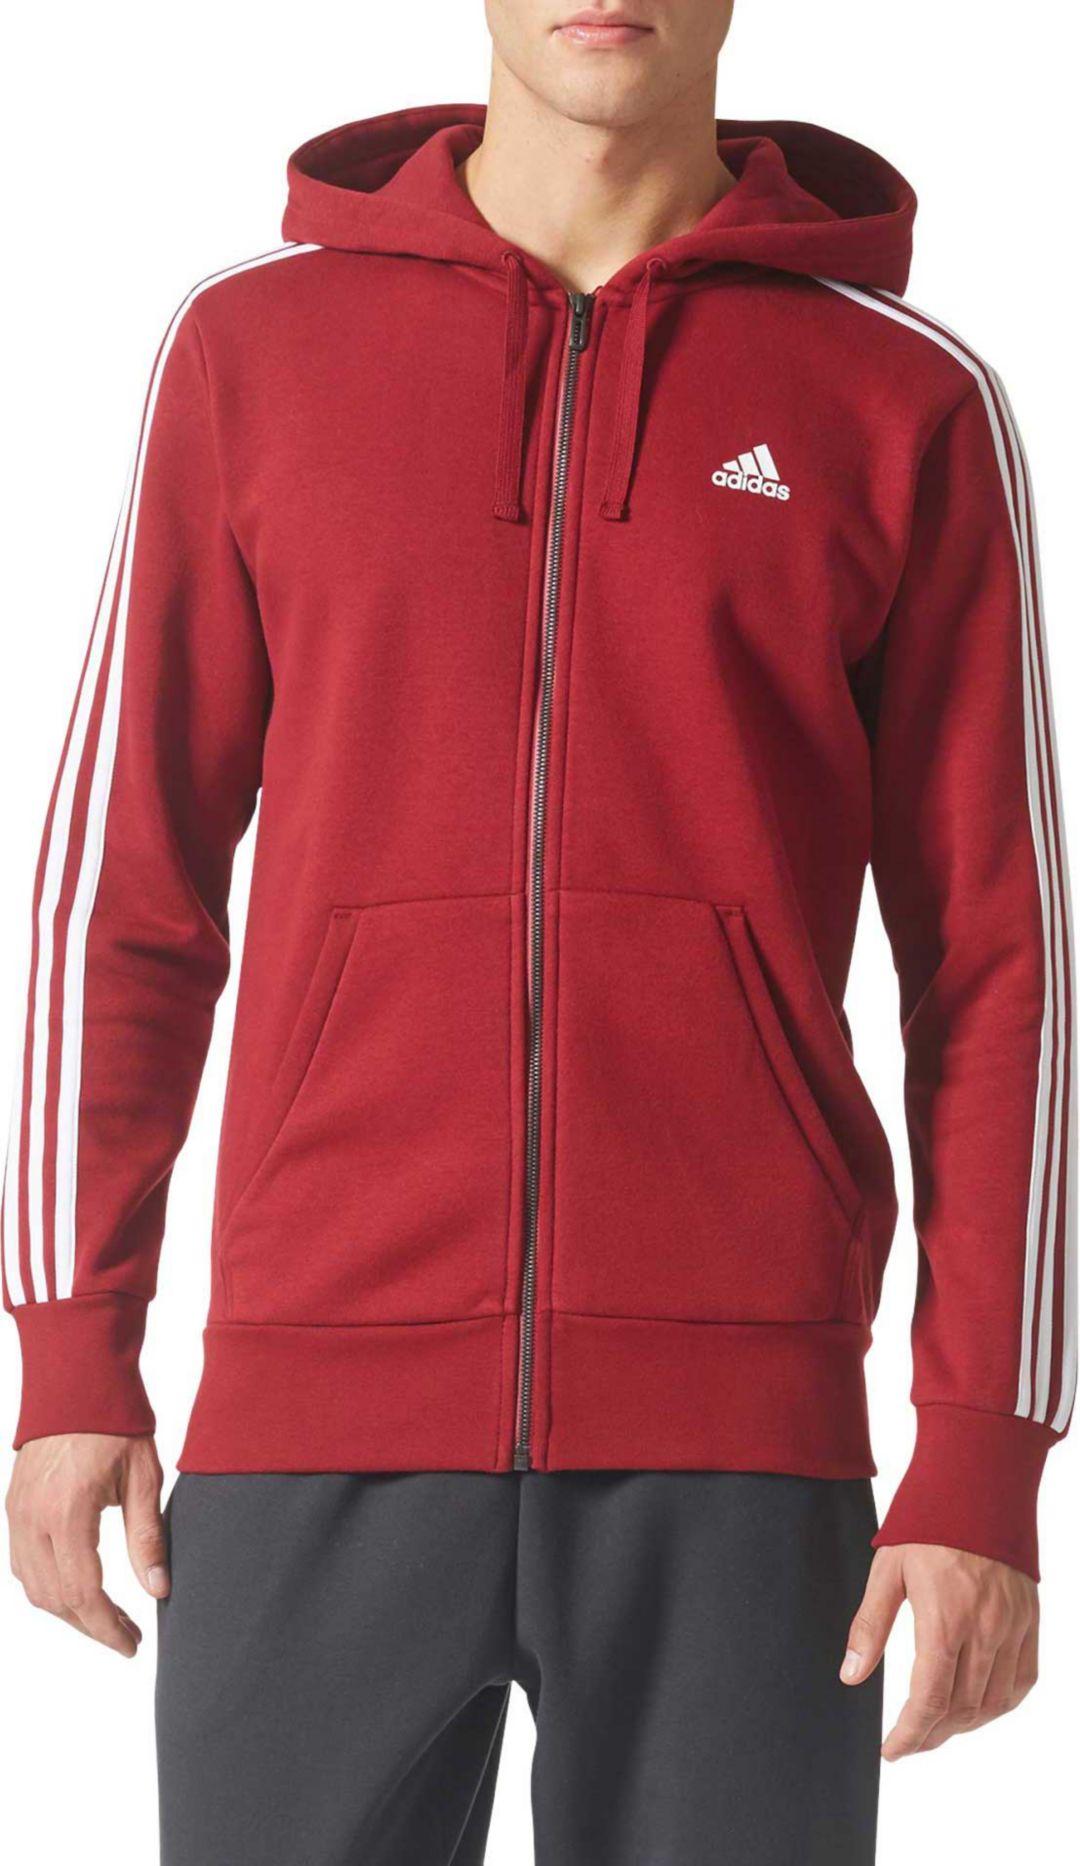 adidas Men's Essentials 3-Stripes Full-Zip Fleece Hoodie